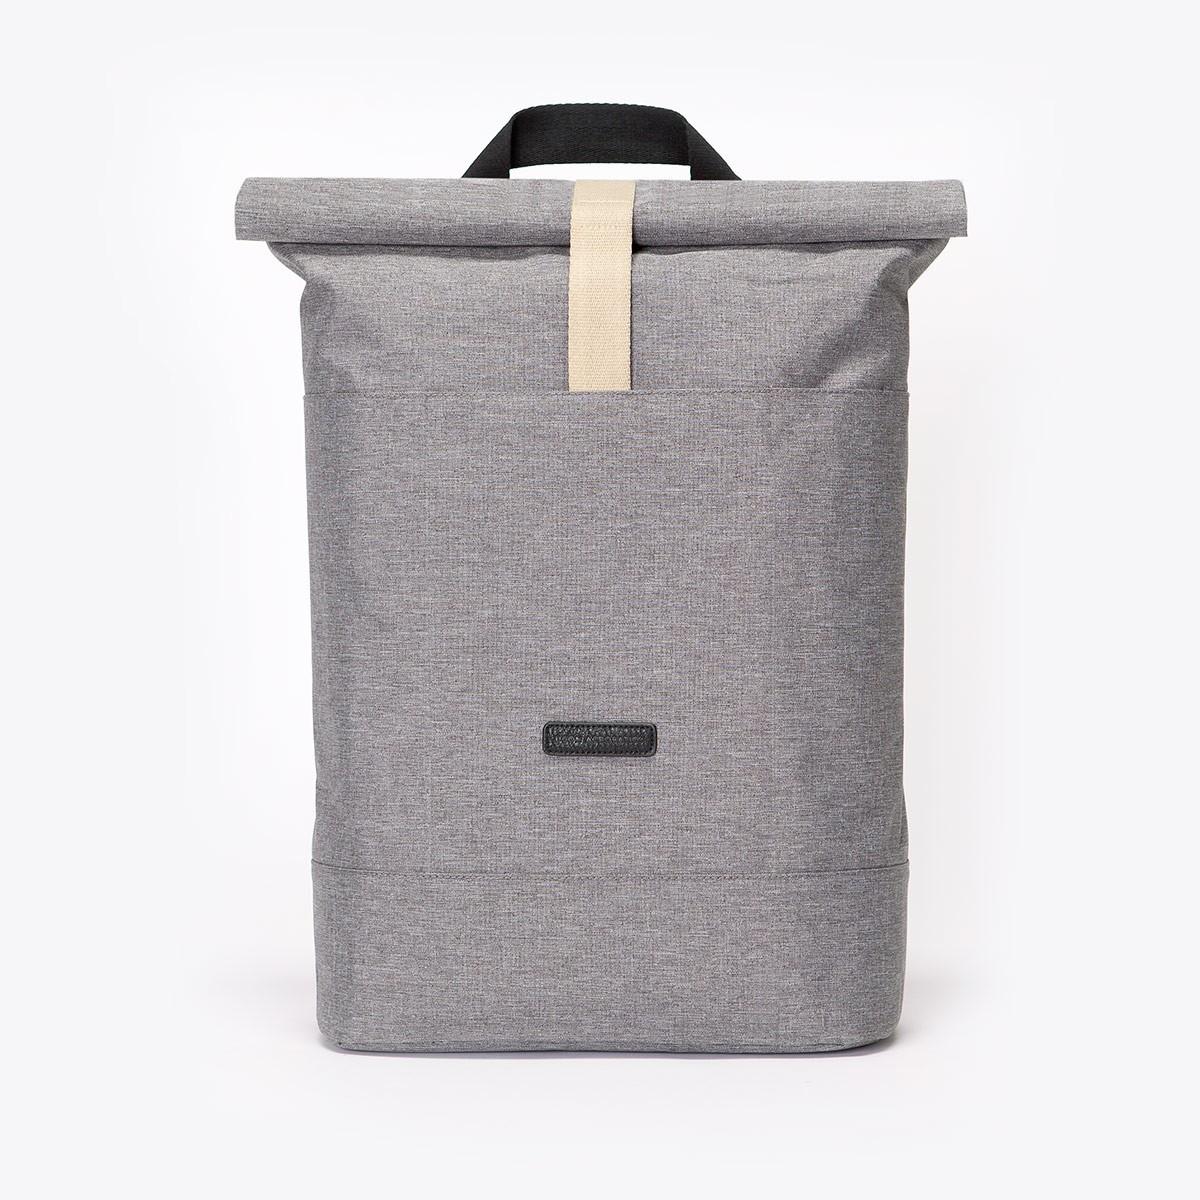 ua_hajo-backpack_slate-series_grey_01.jpg